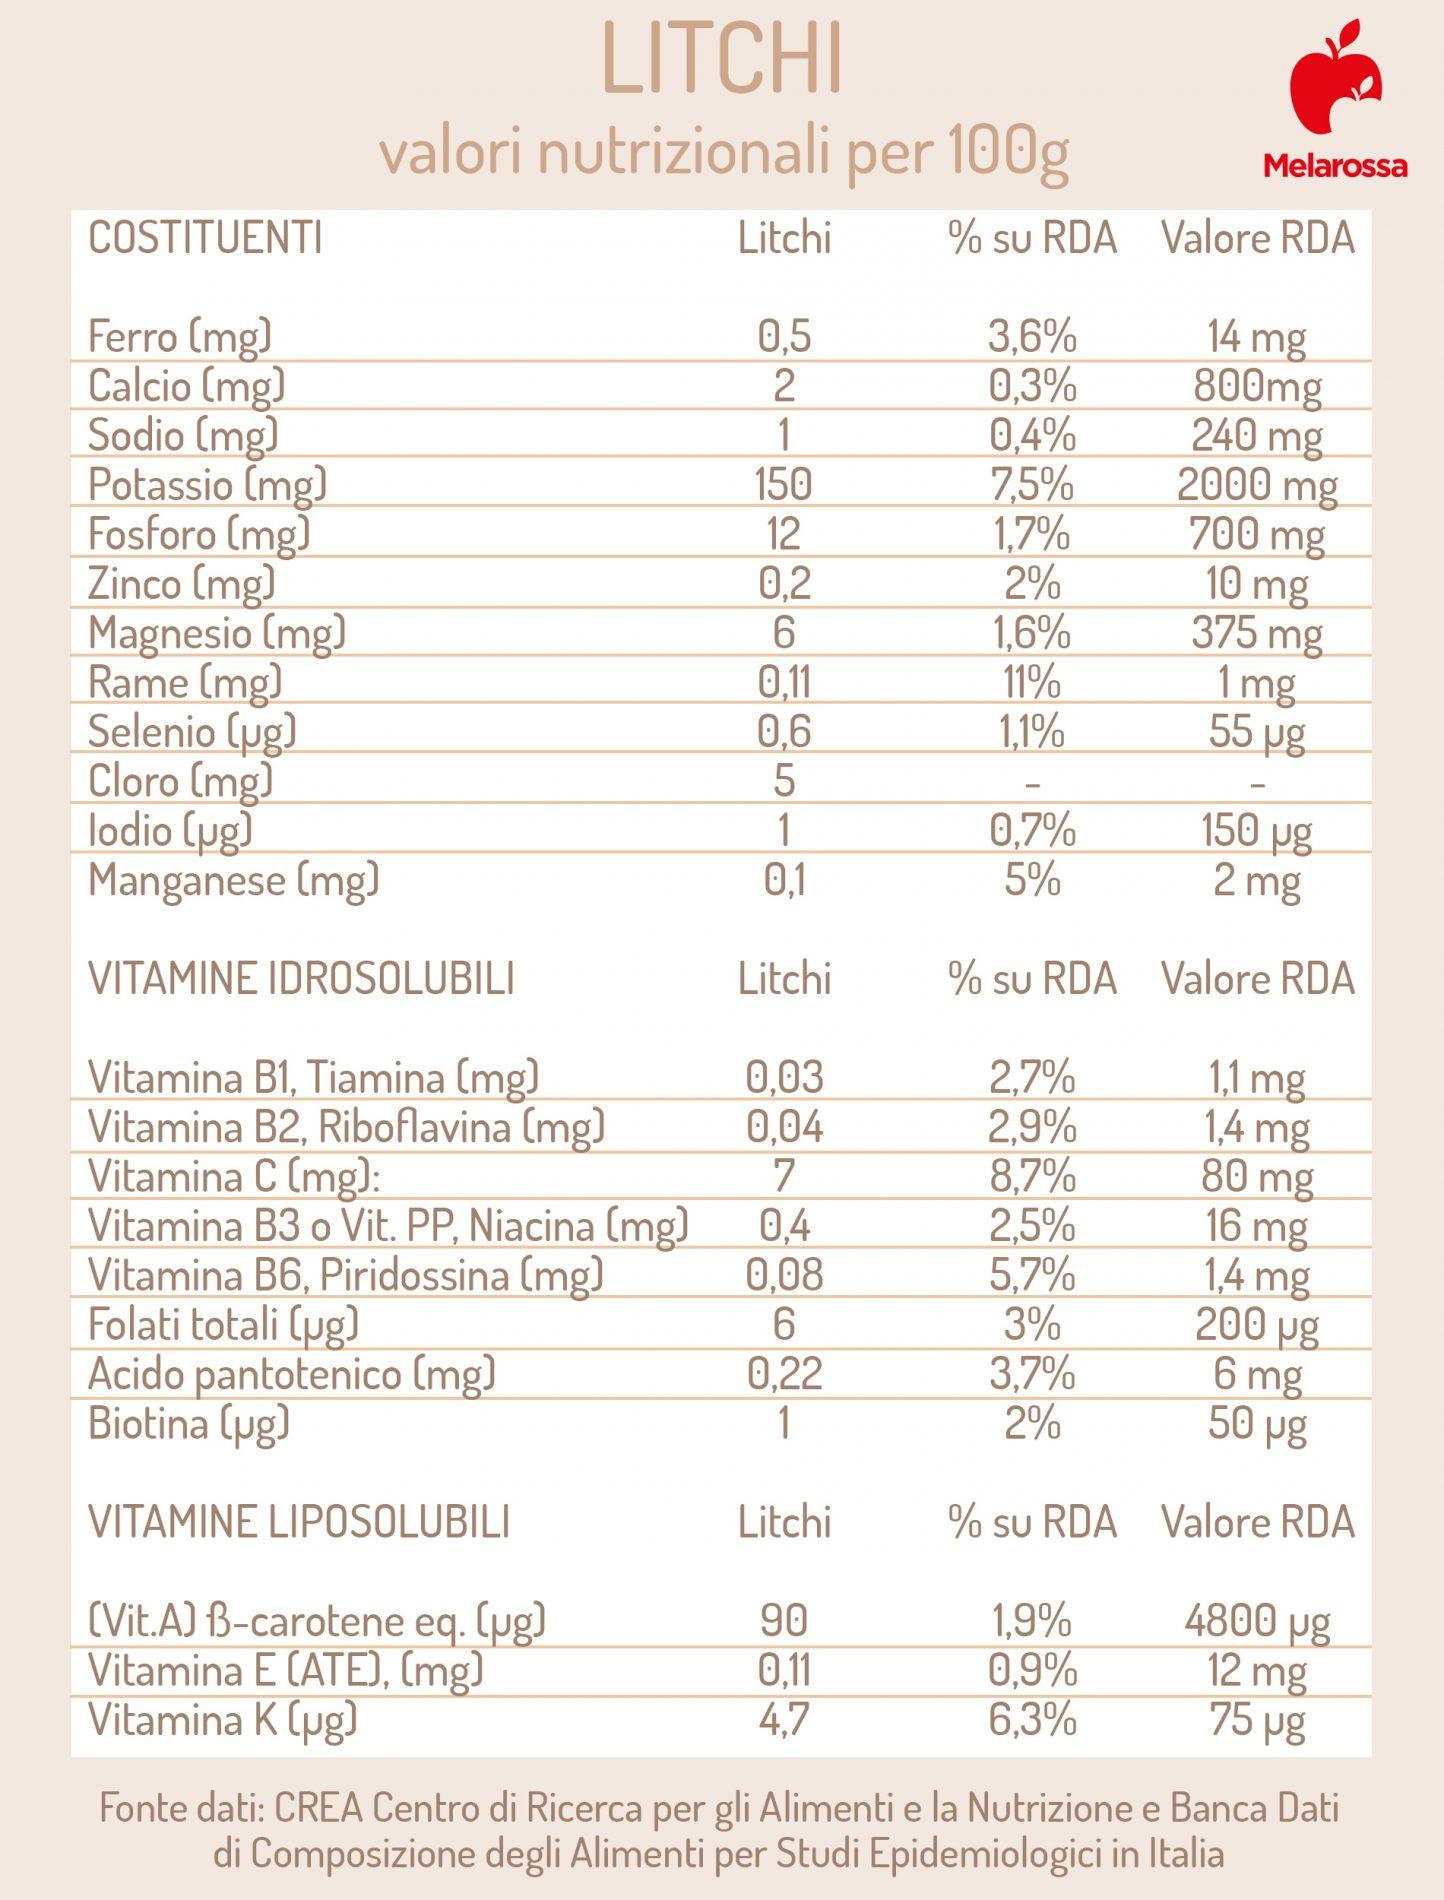 litchi: valori nutrizionali